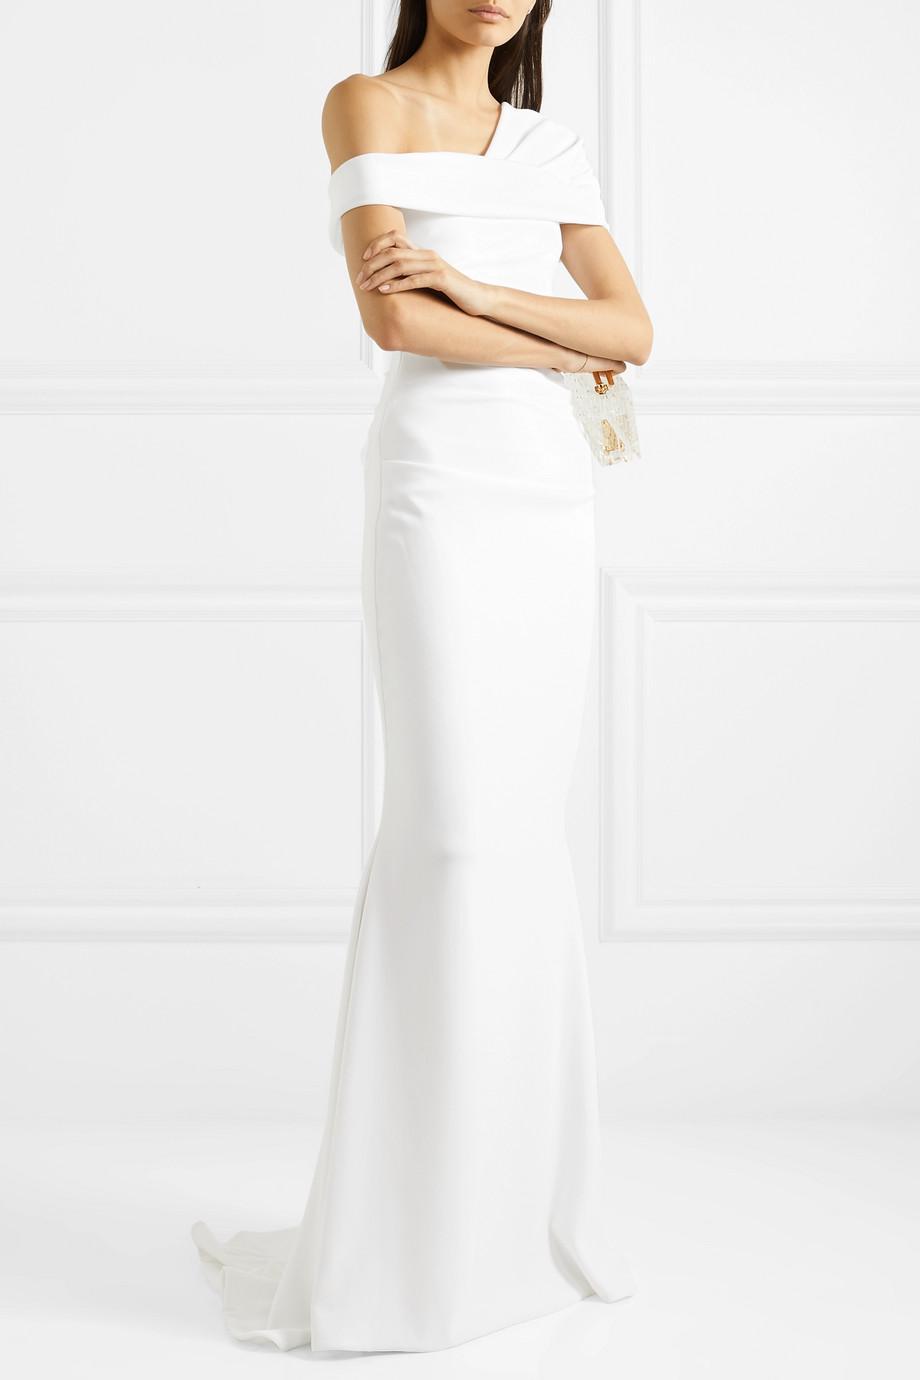 Vestidos de novia que puedes comprar por internet